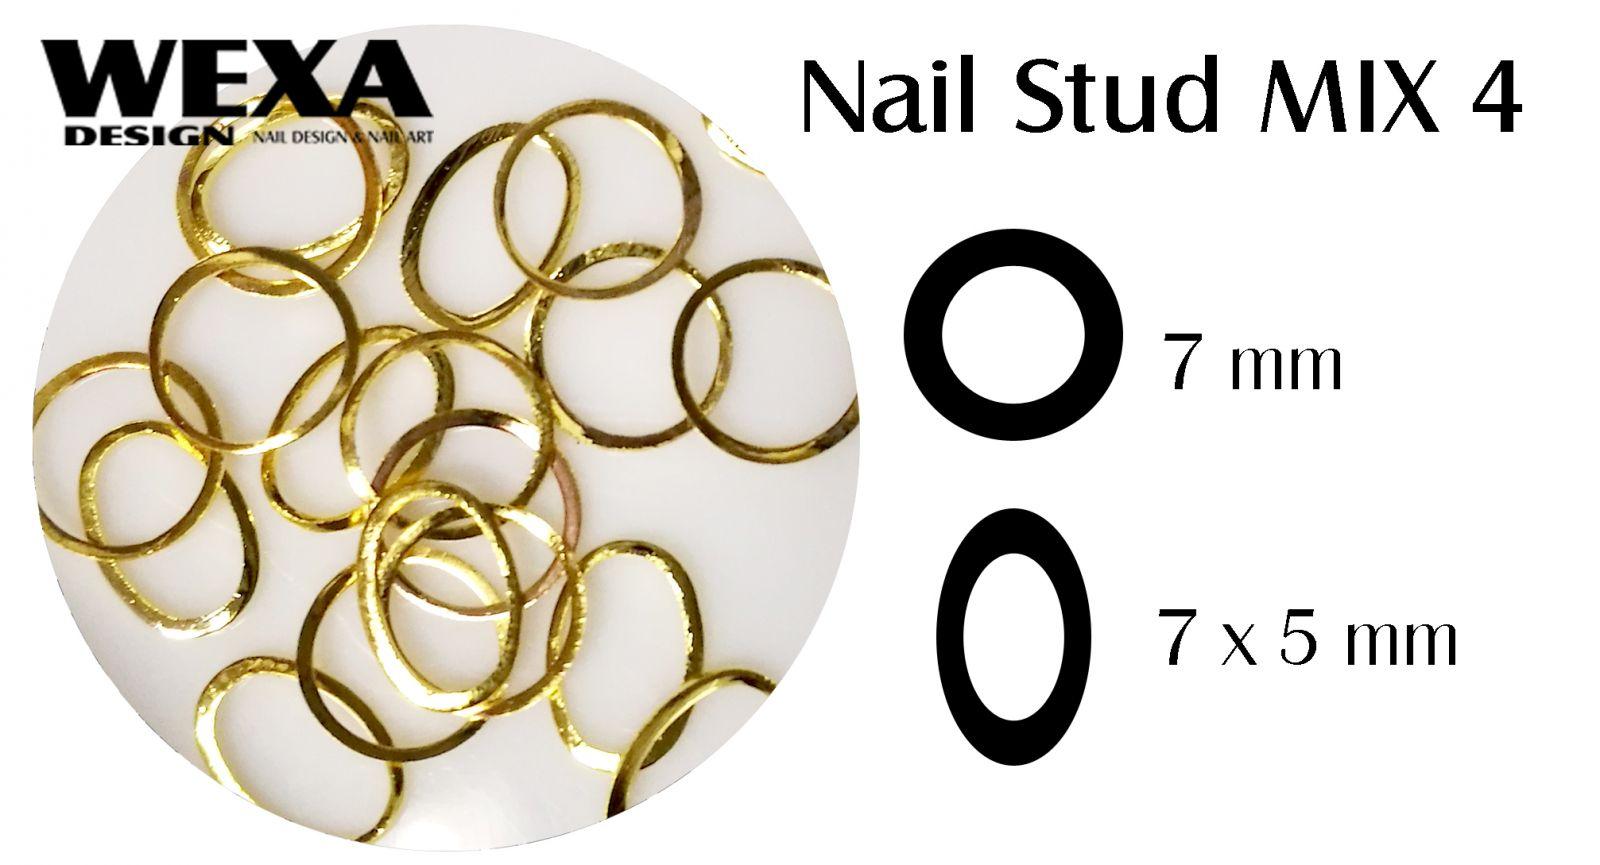 Kovová ozdoba na nechty - Nail Stud MIX 4